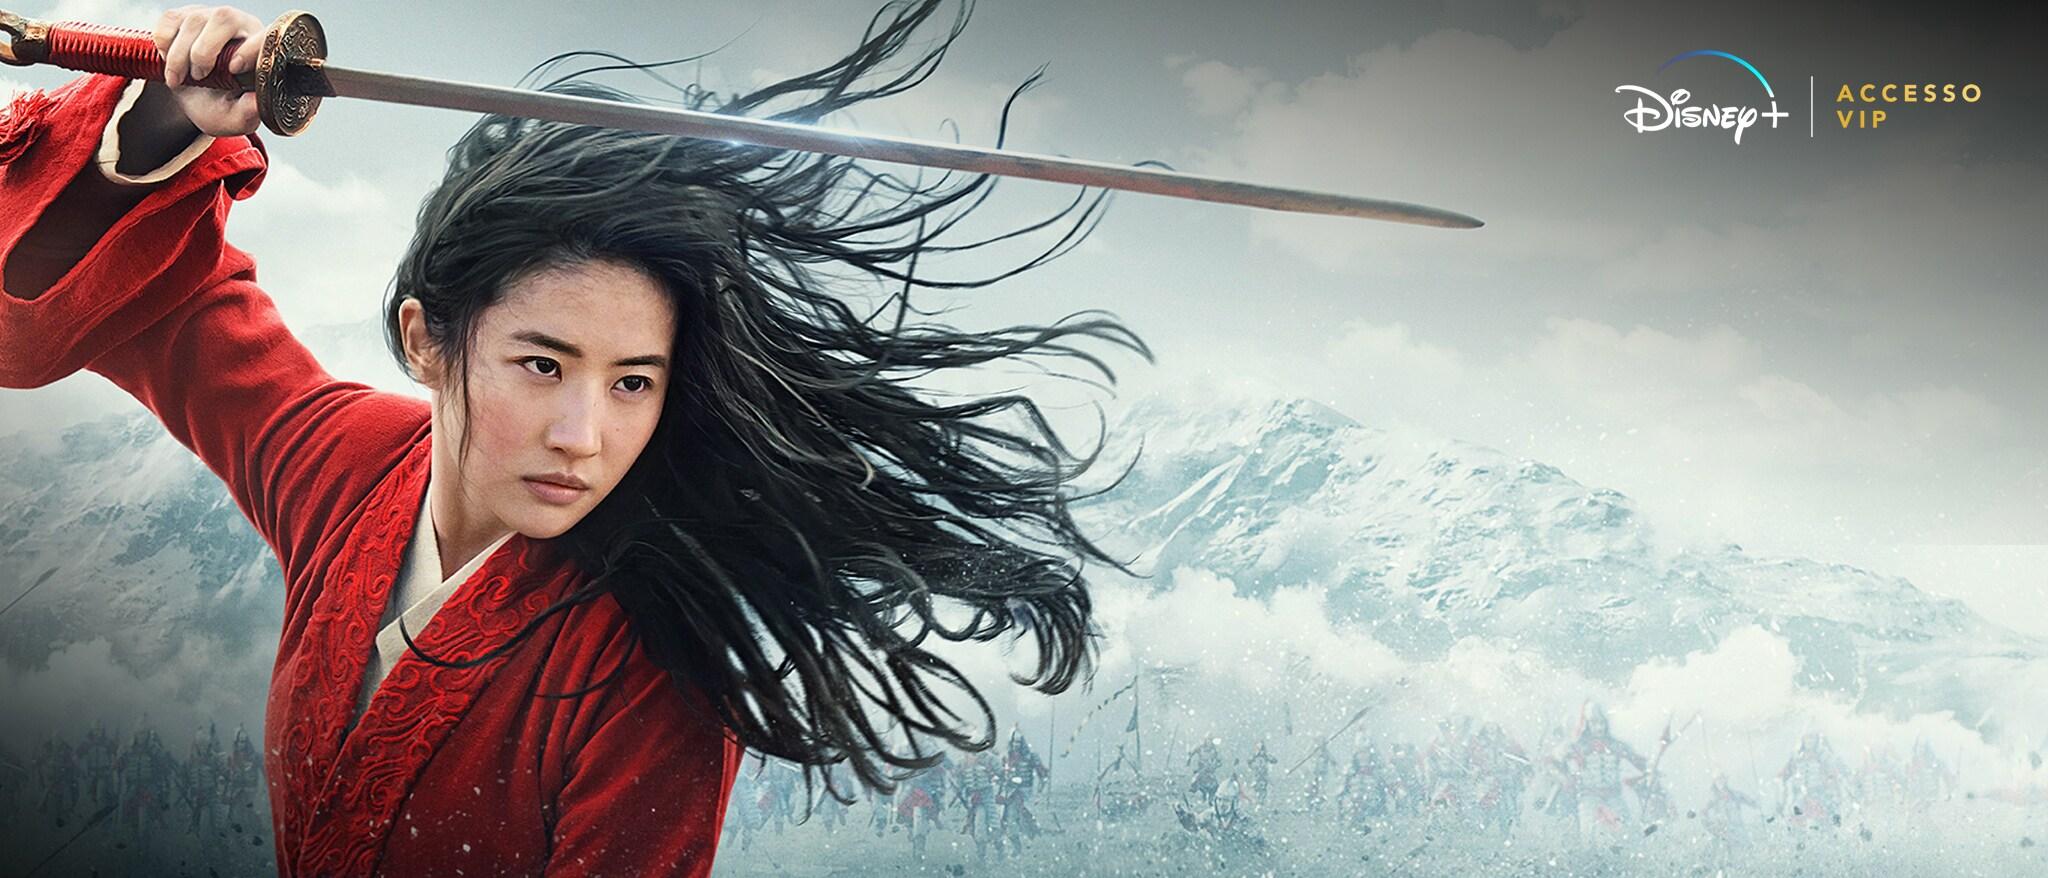 Mulan Hero Streaming